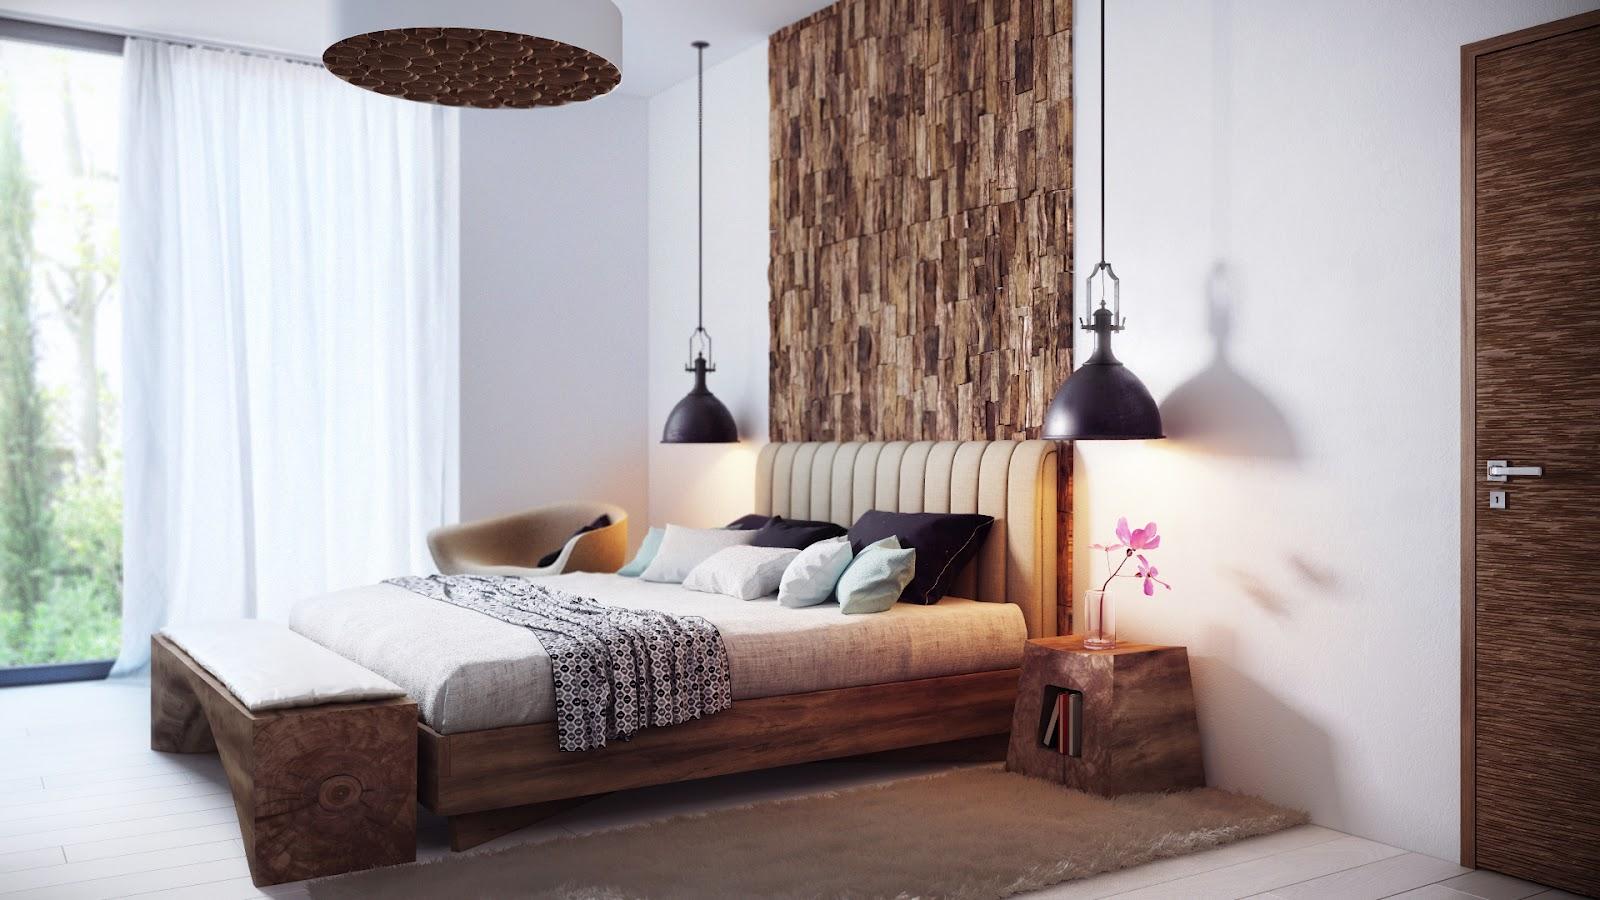 Удивительные шторы в дизайне интерьера помещения